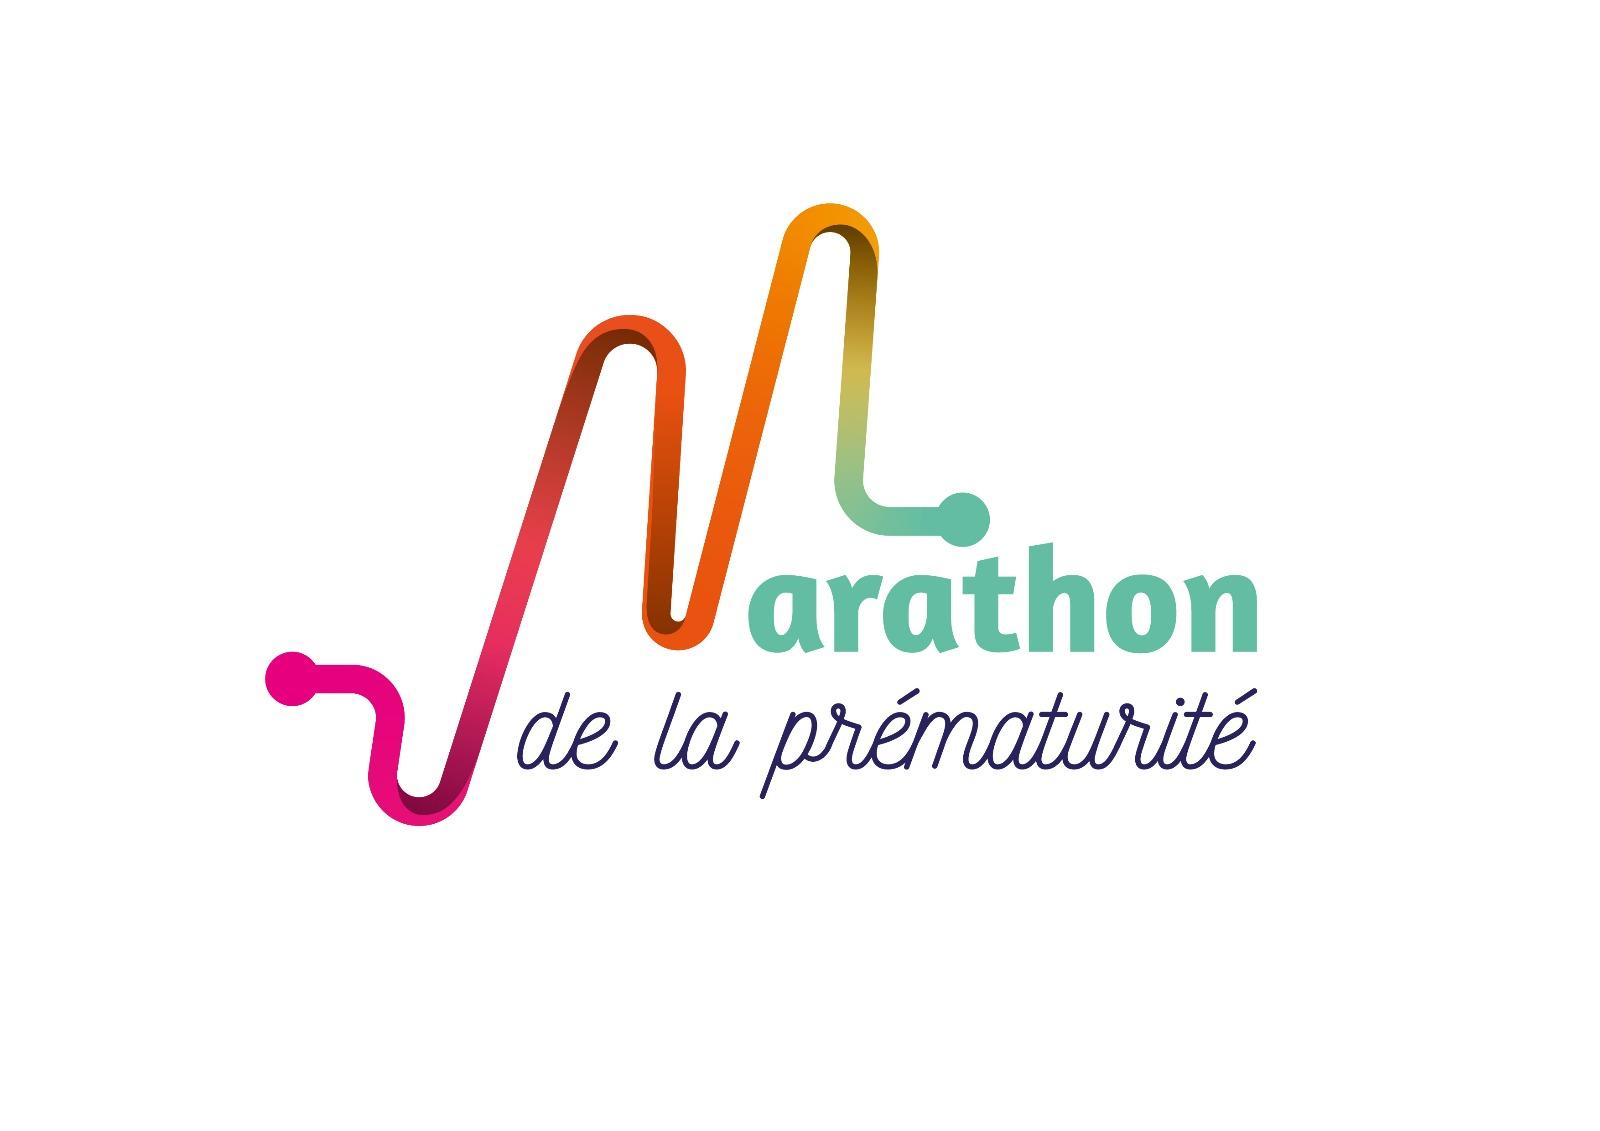 Association marathon de la péematurité